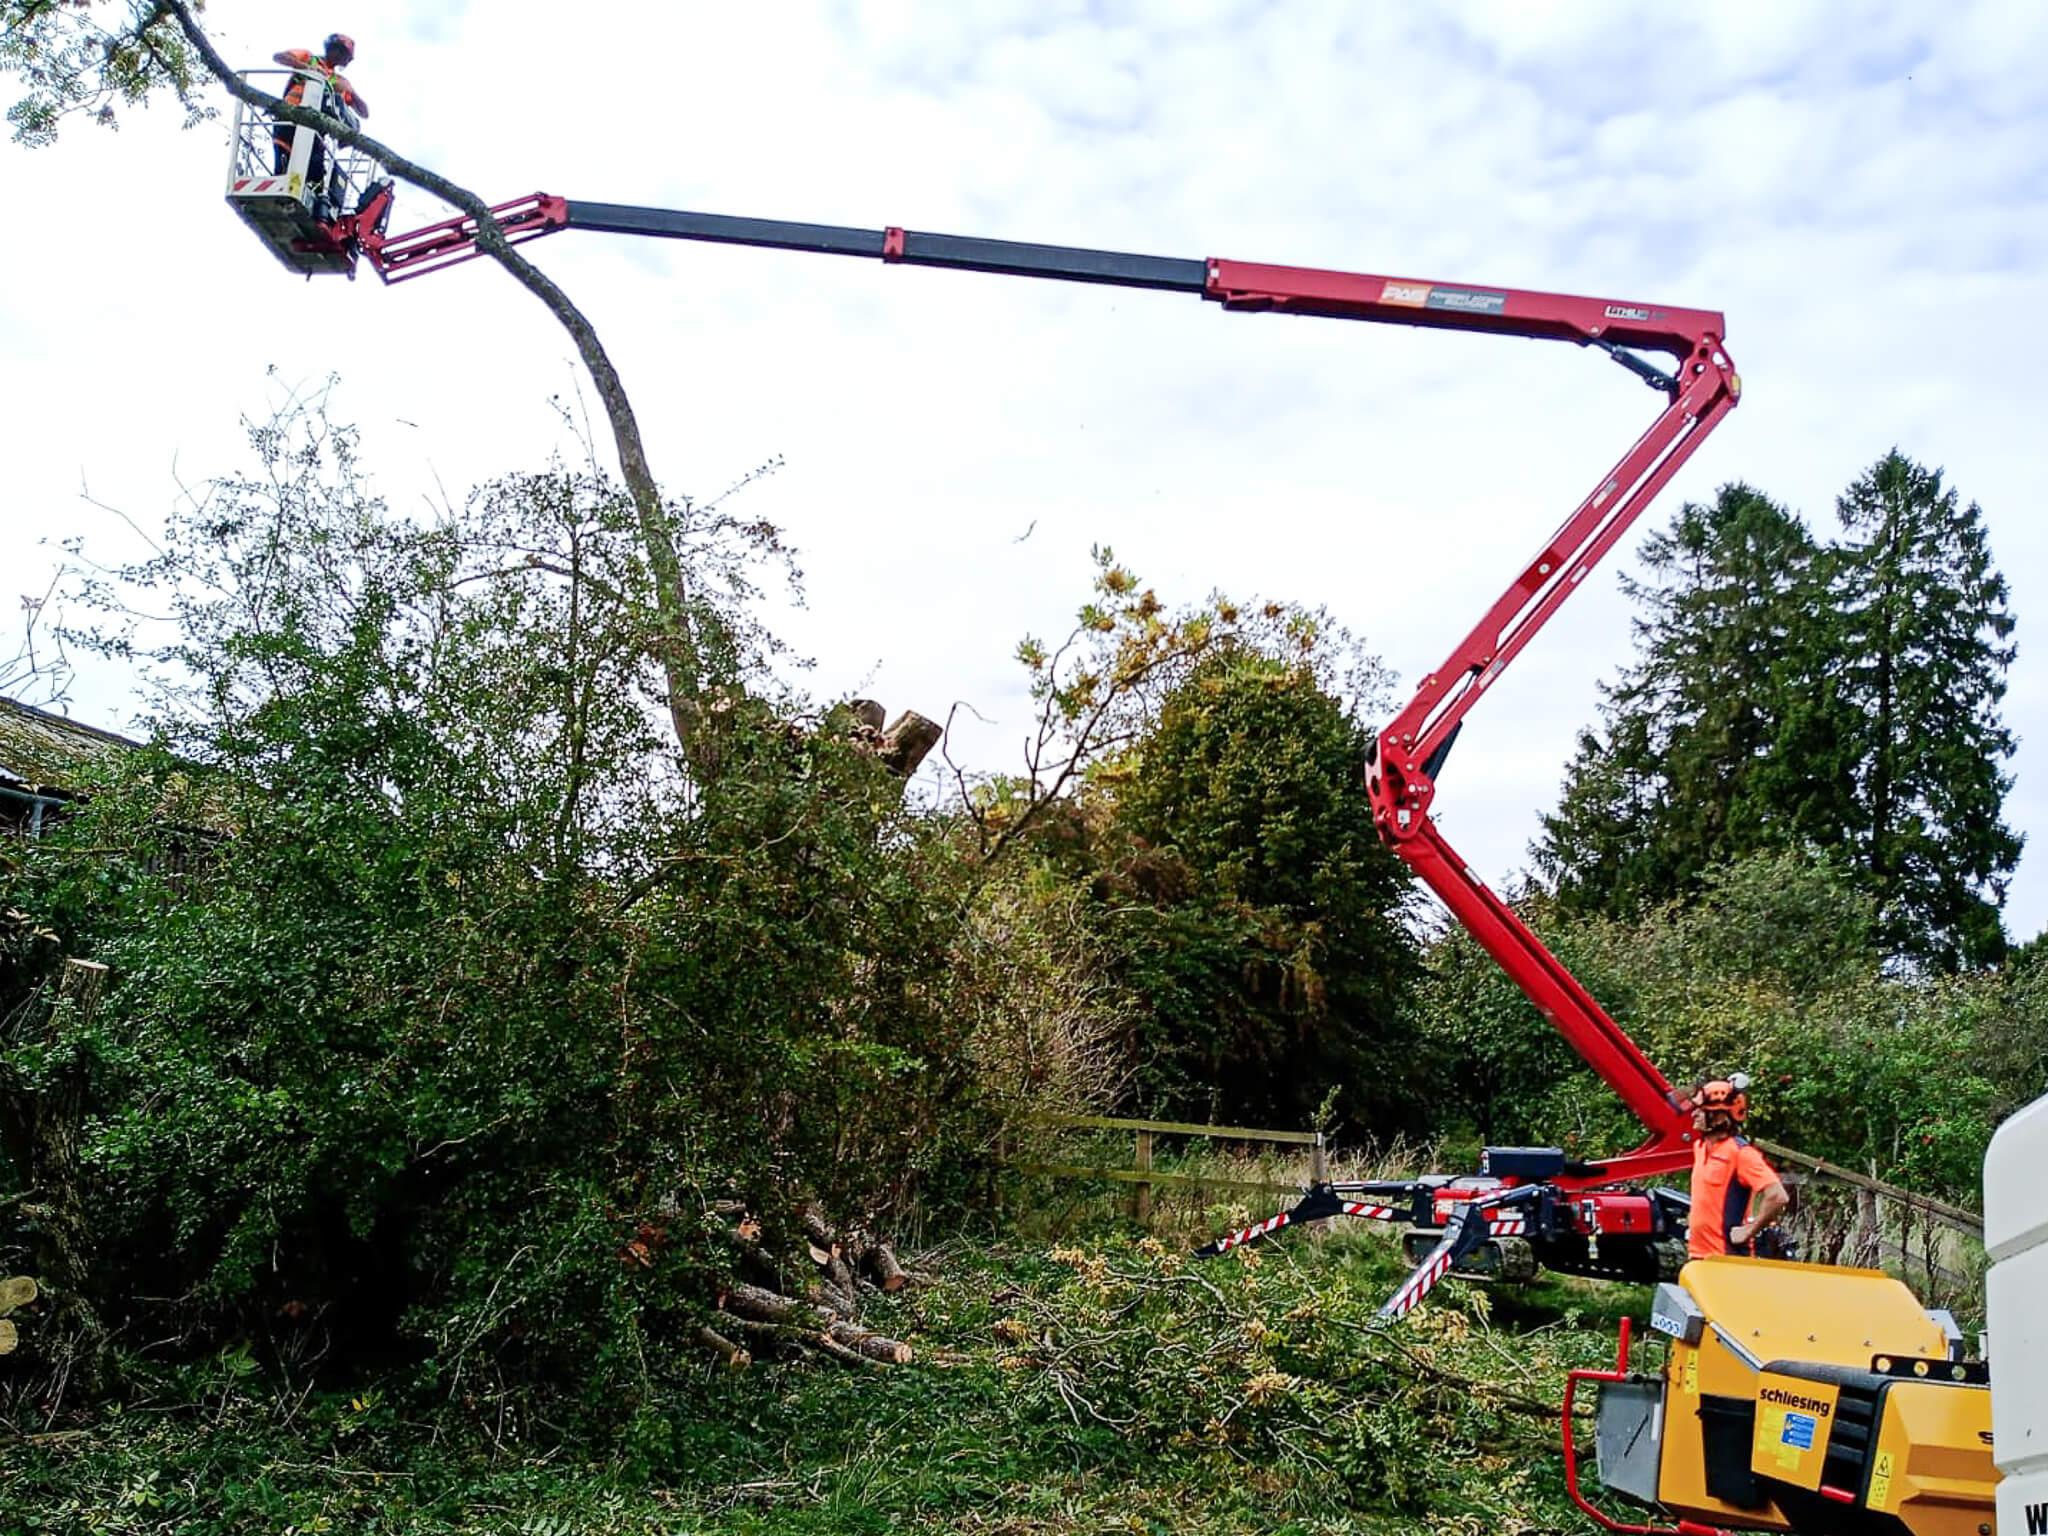 Corinium Arb - on site managing trees